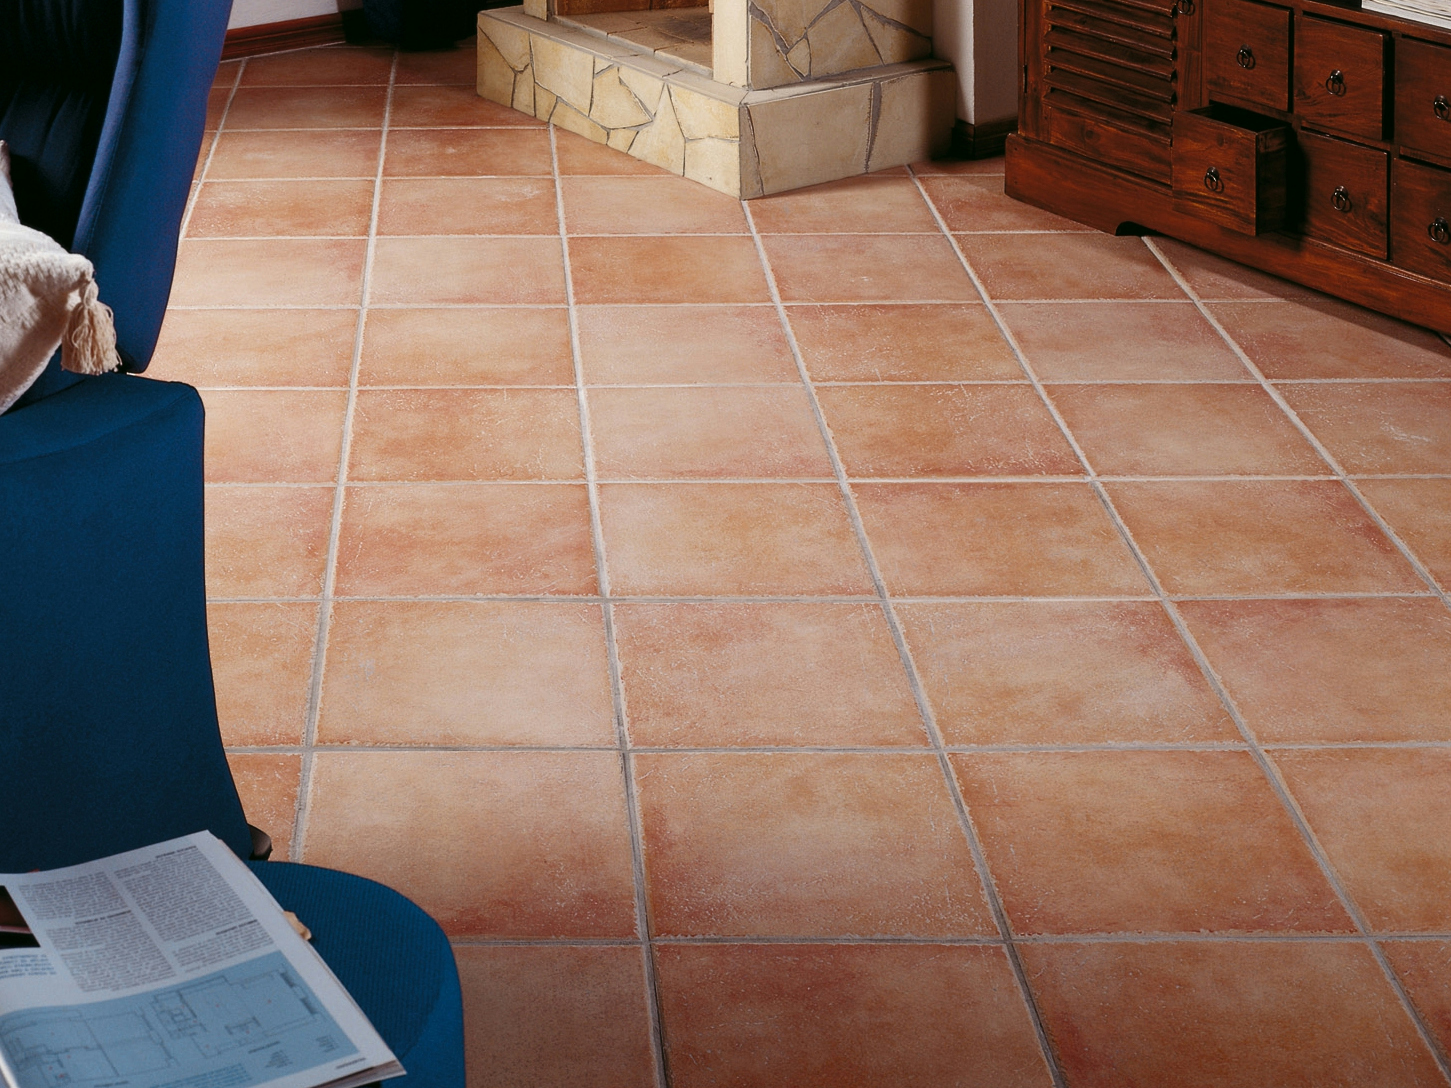 Pavimento in gres porcellanato per interni ed esterni for Piastrelle garage